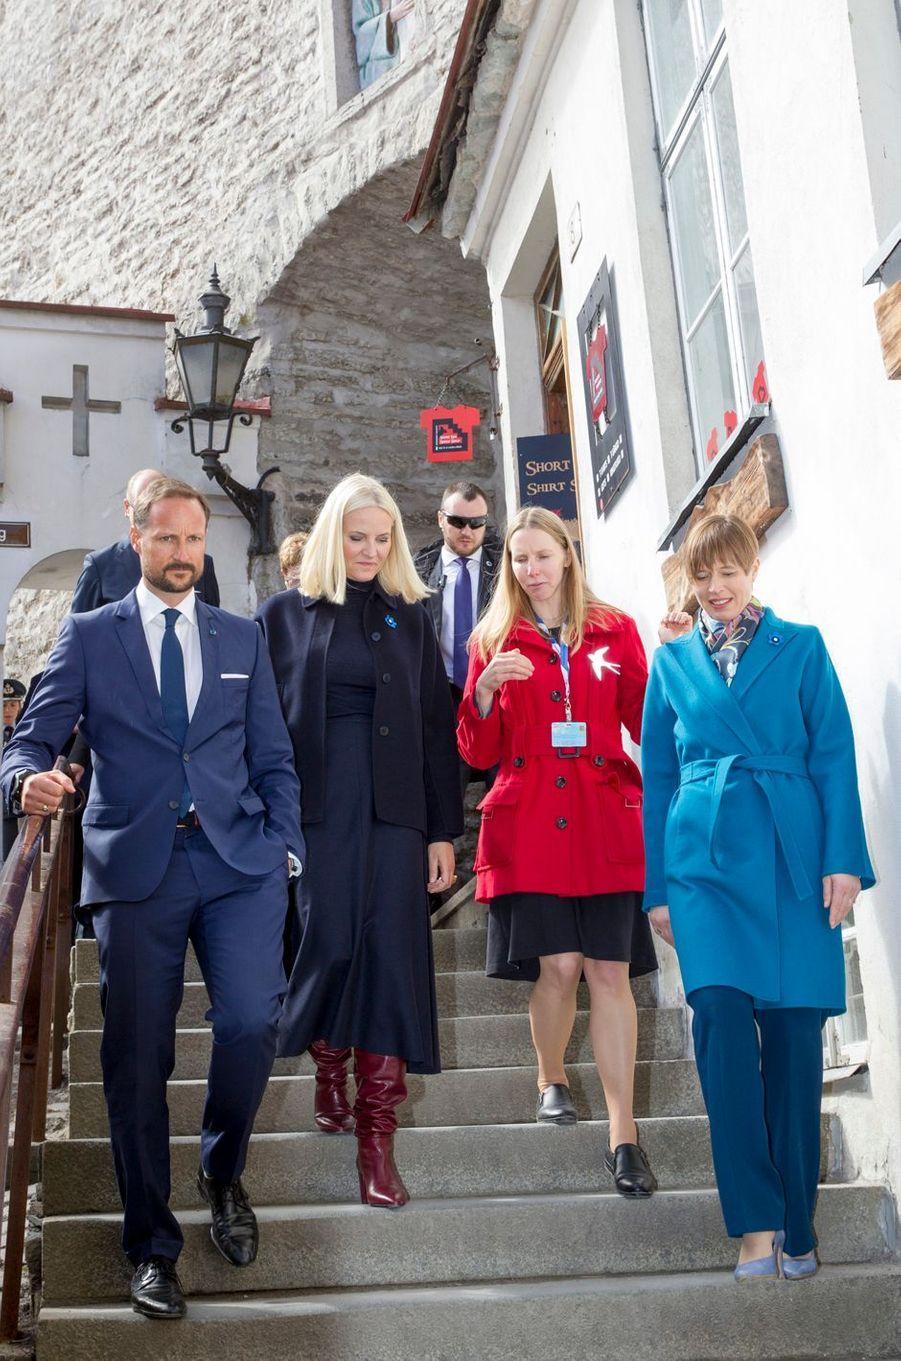 La princesse Mette-Marit et le prince Haakon de Norvège avec la présidente estonienne à Tallinn, le 26 avril 2018